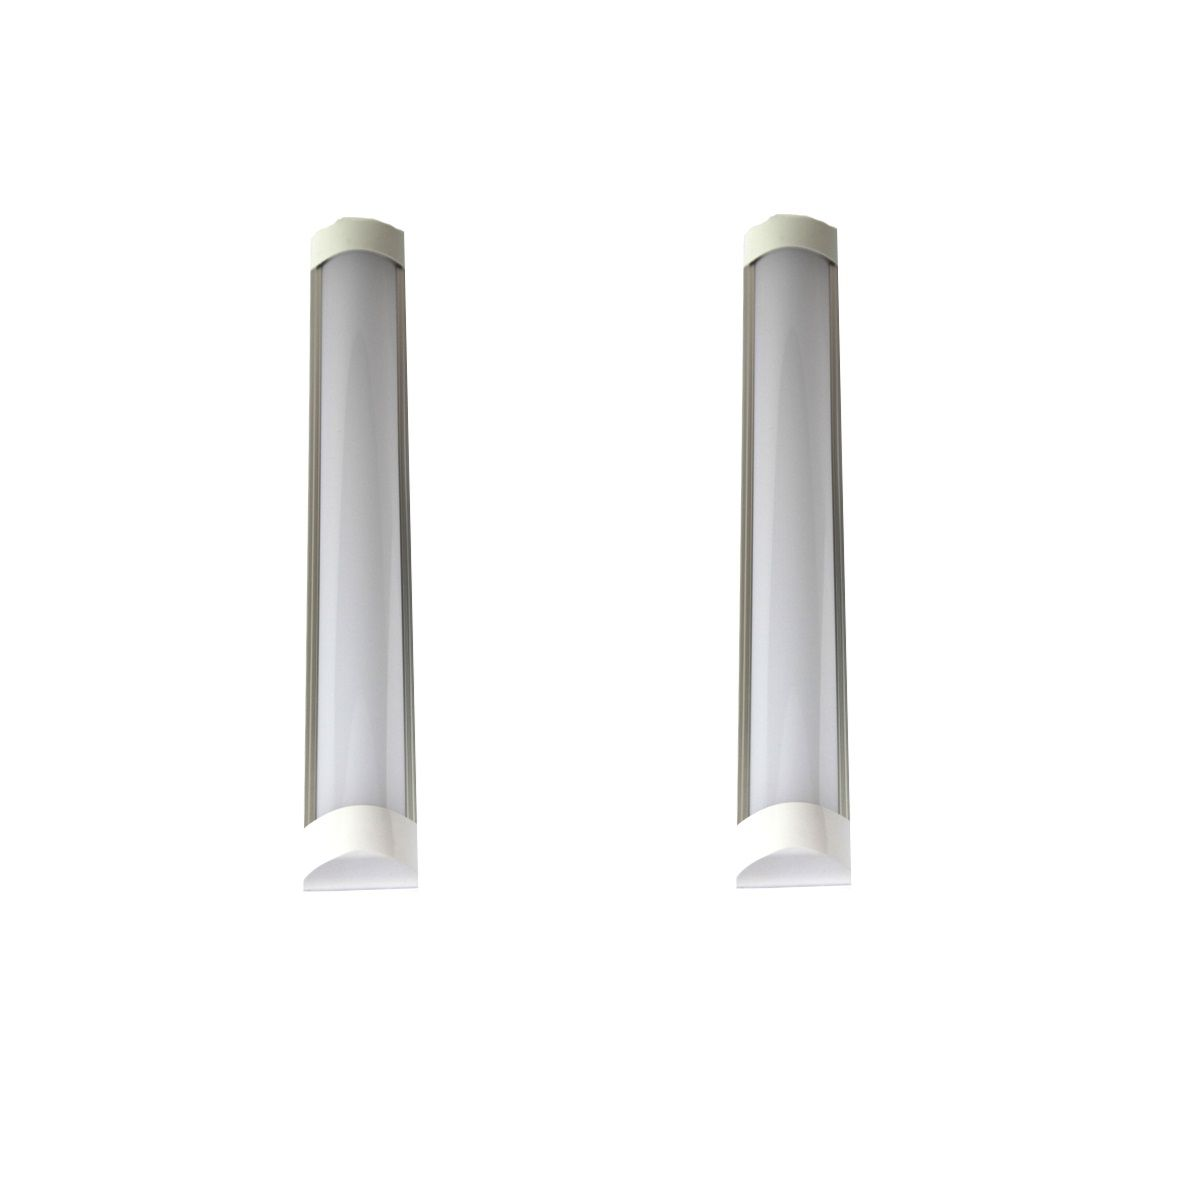 Kit 2 Luminária Led de Teto Linear 18W 60cm Branco Frio Bivolt